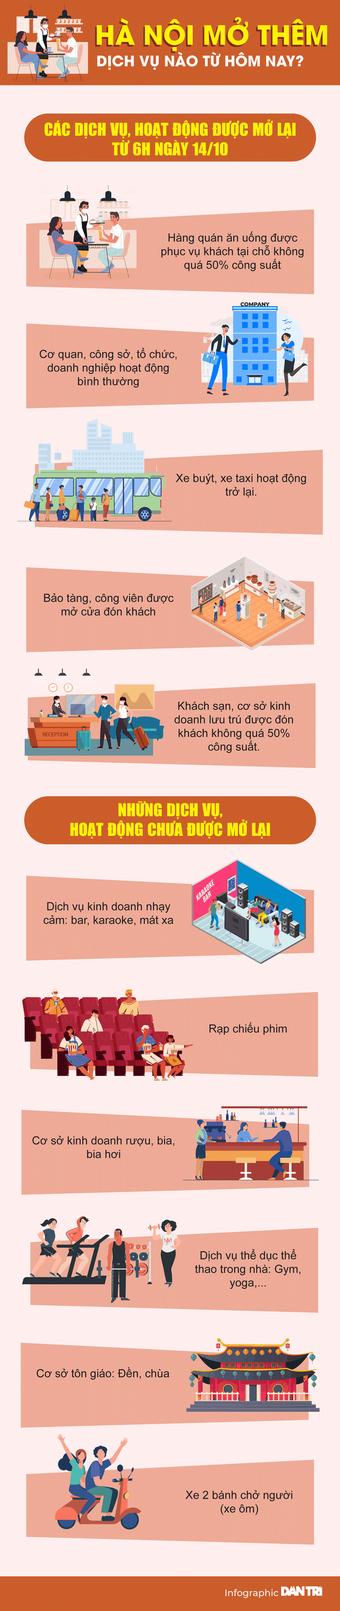 22 chốt kiểm dịch ở cửa ngõ Hà Nội có còn hoạt động không?